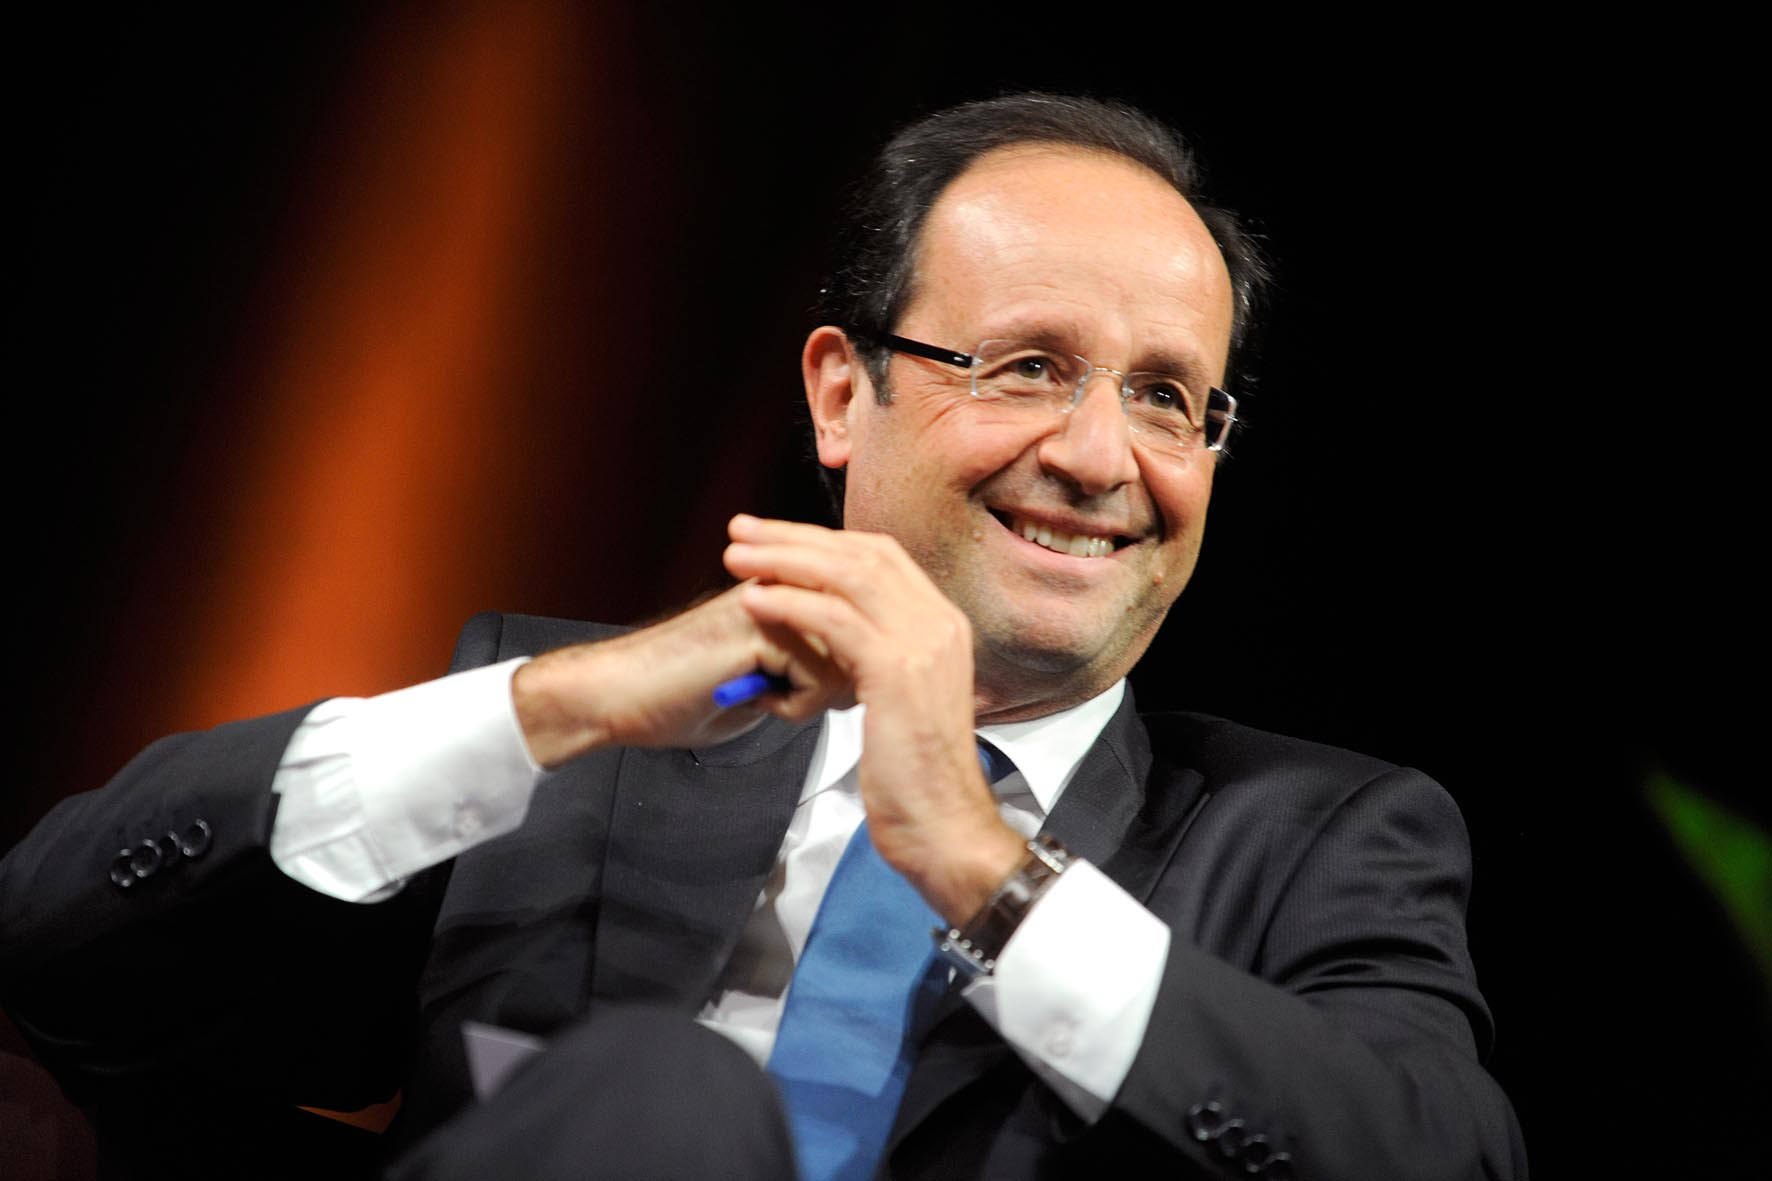 François_Hollande)